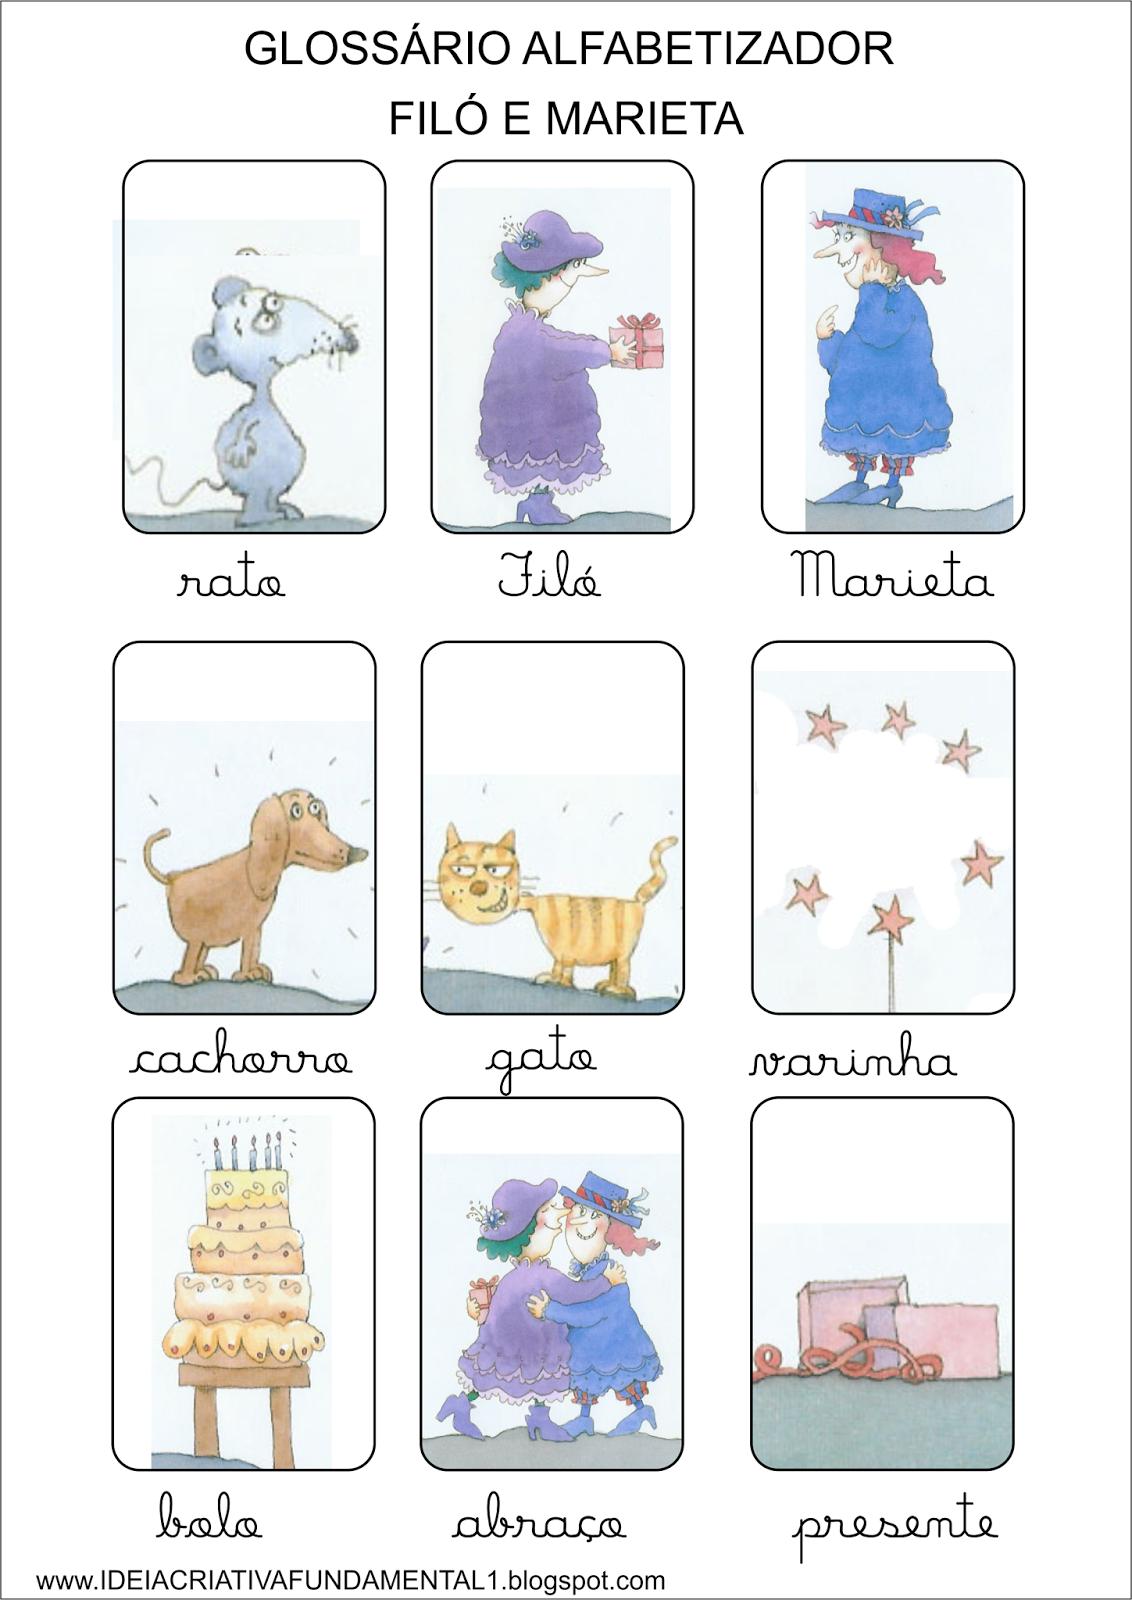 Glossário Alfabetizador livro Filó e Marieta de Eva Furnari